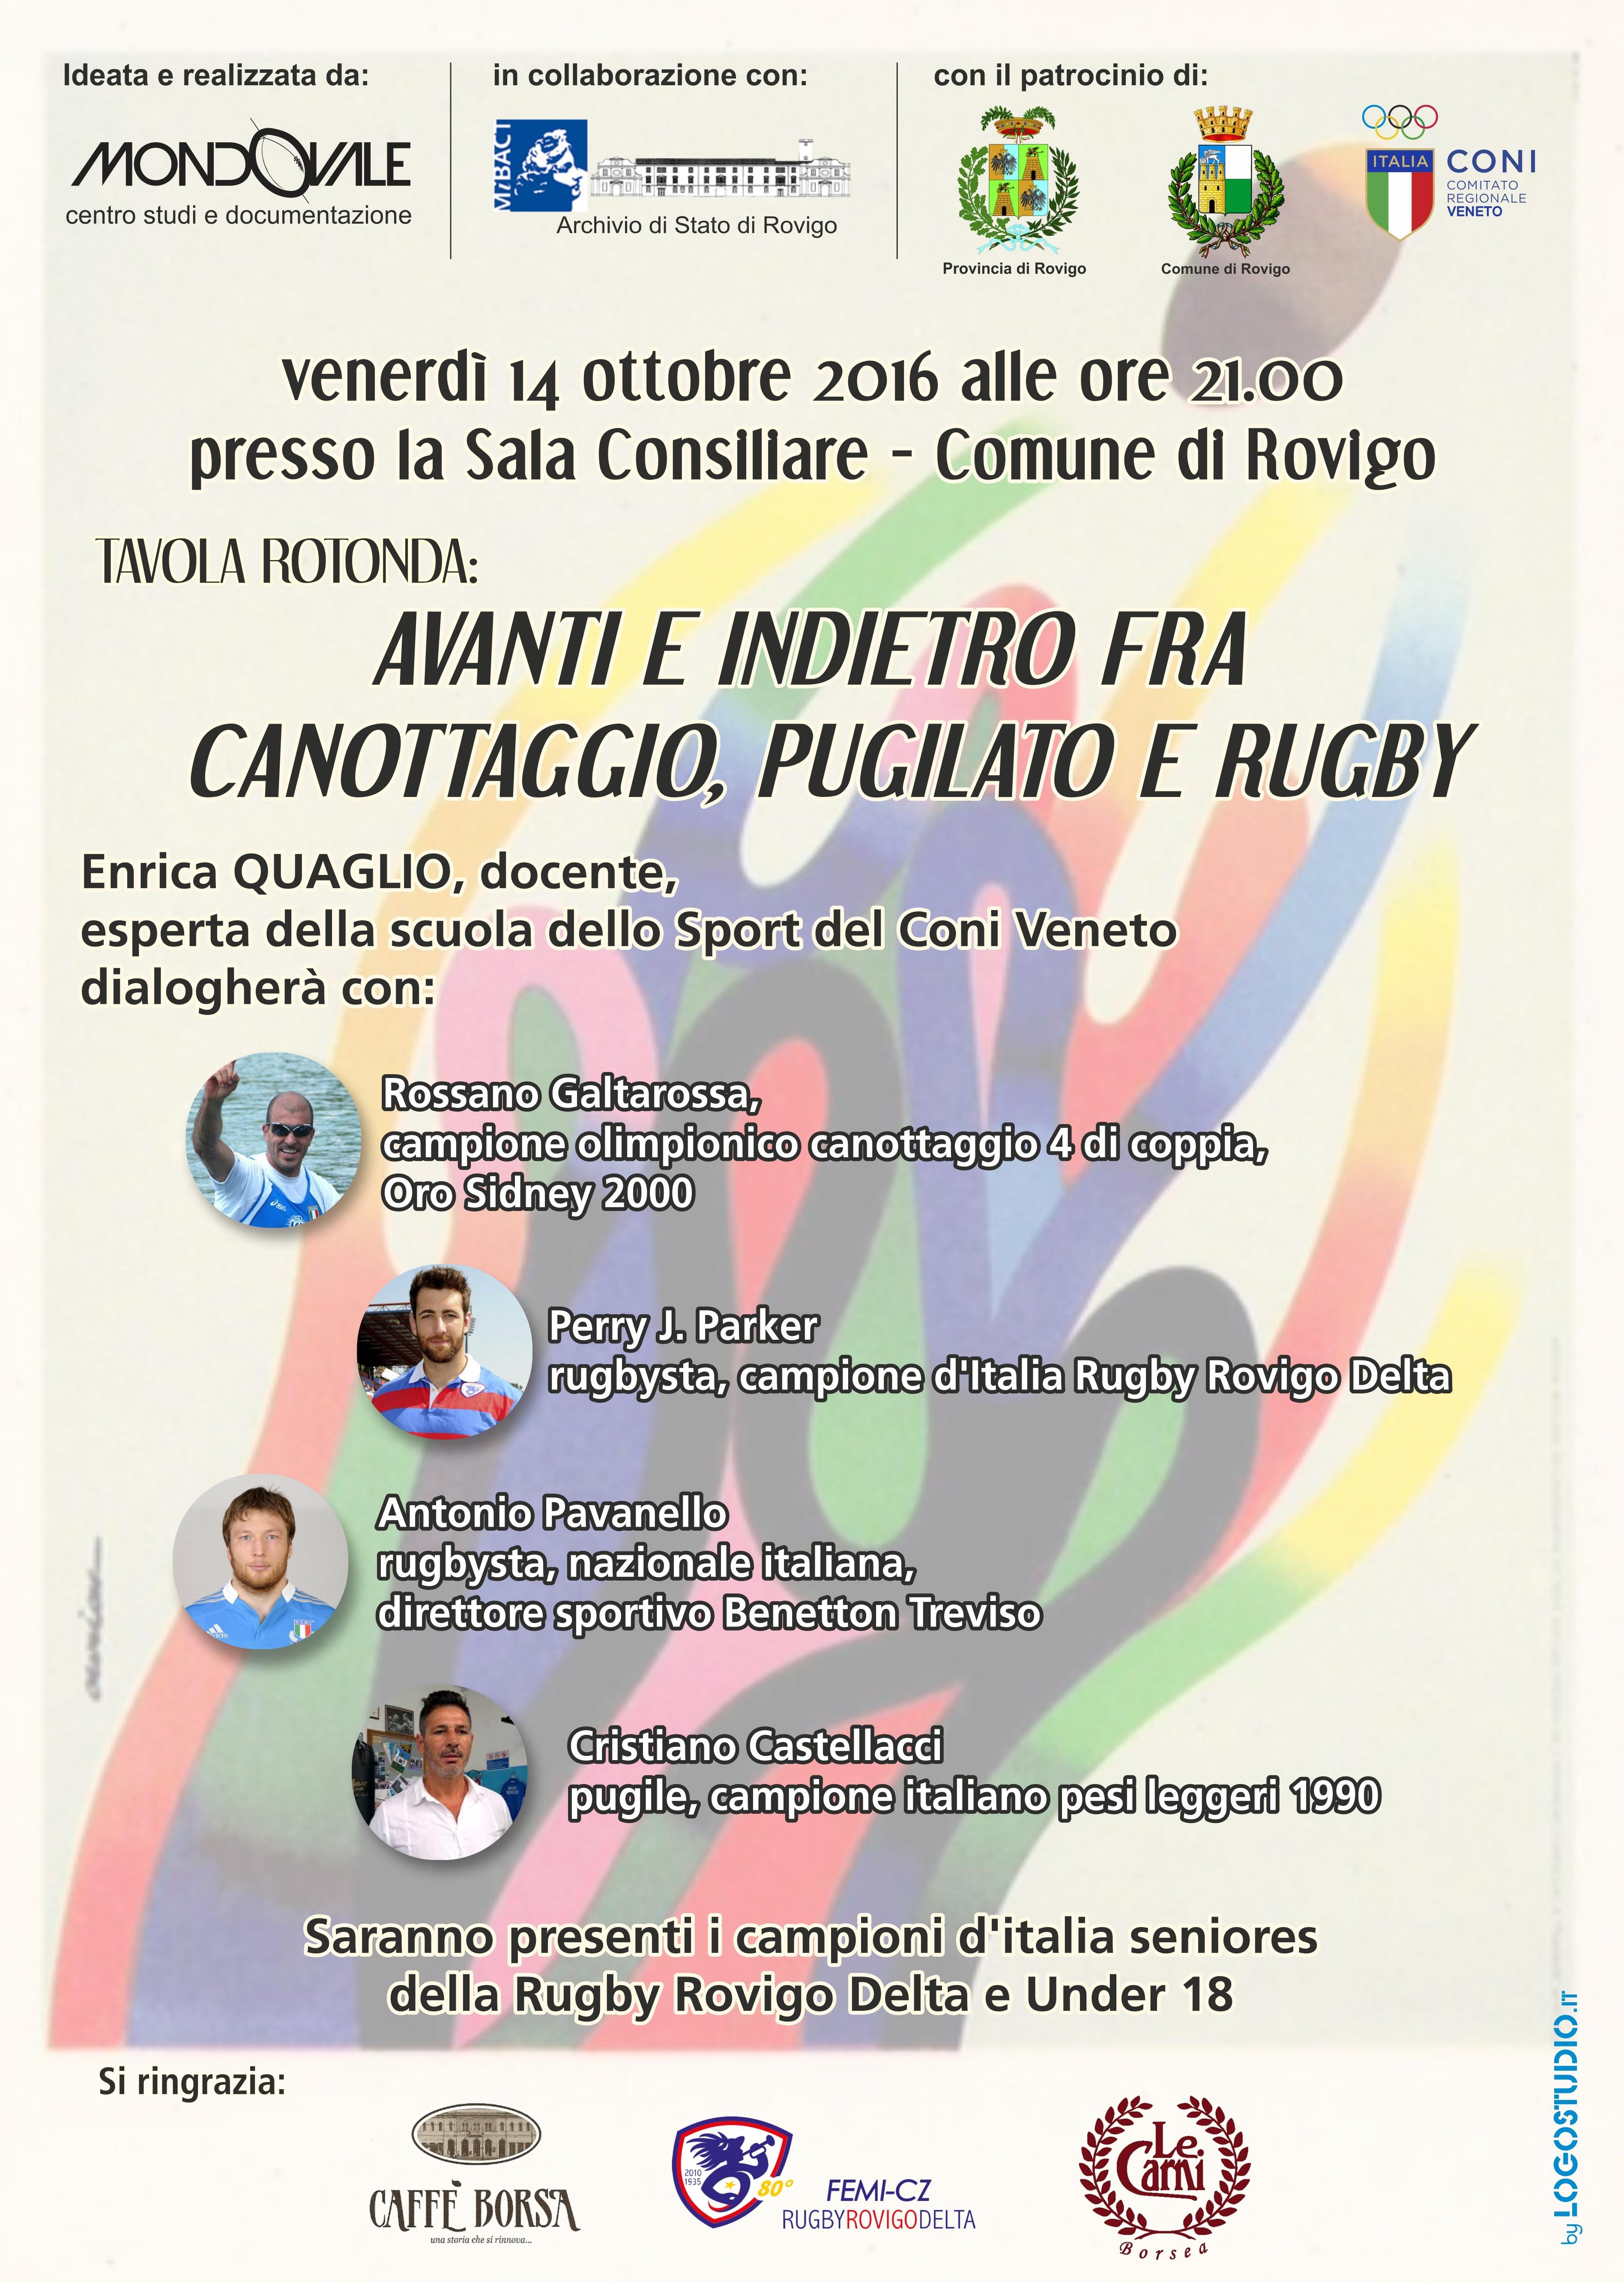 """Evento: """"Avanti e indietro fra canottaggio, pugilato e rugby"""" – Venerdì 14 ottobre 2016 ore 21.00"""